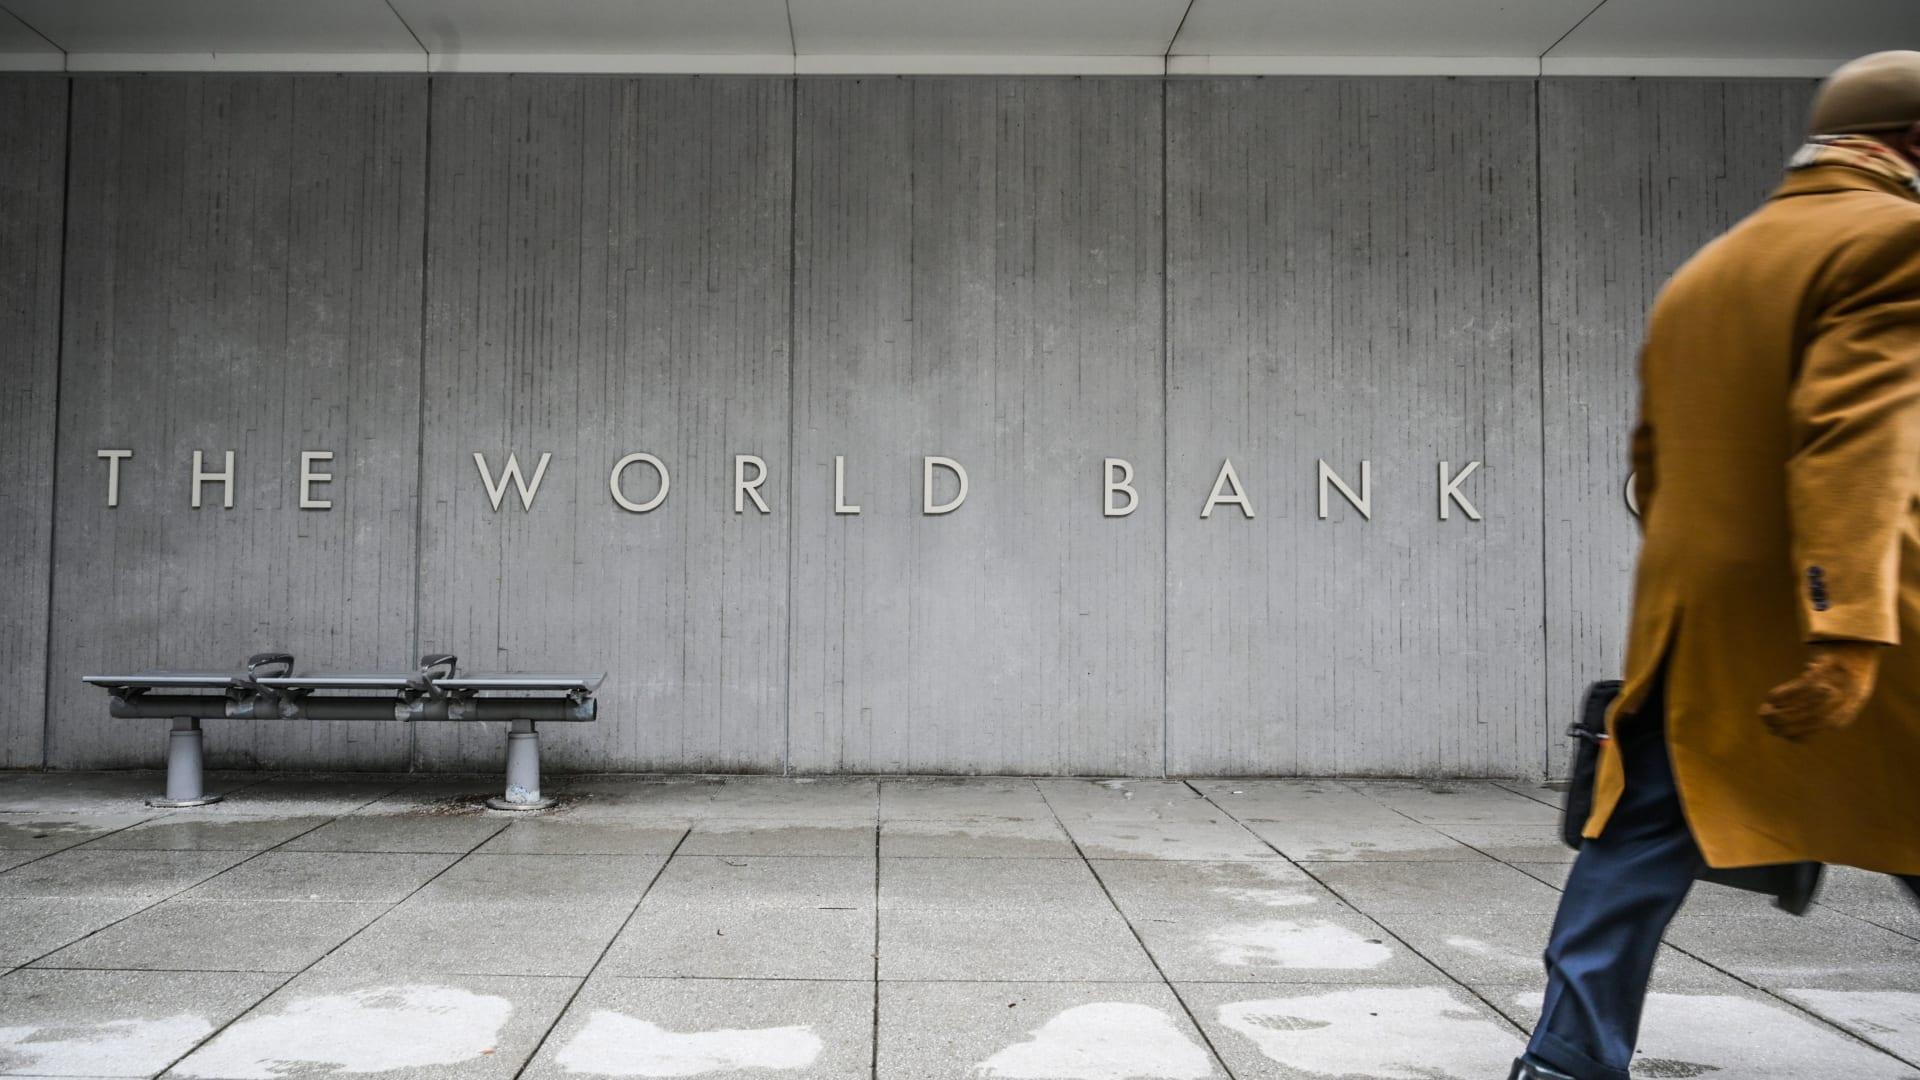 البنك الدولي: ديون بعض دول الشرق الأوسط قد تصل 93٪ من الناتج المحلي هذا العام